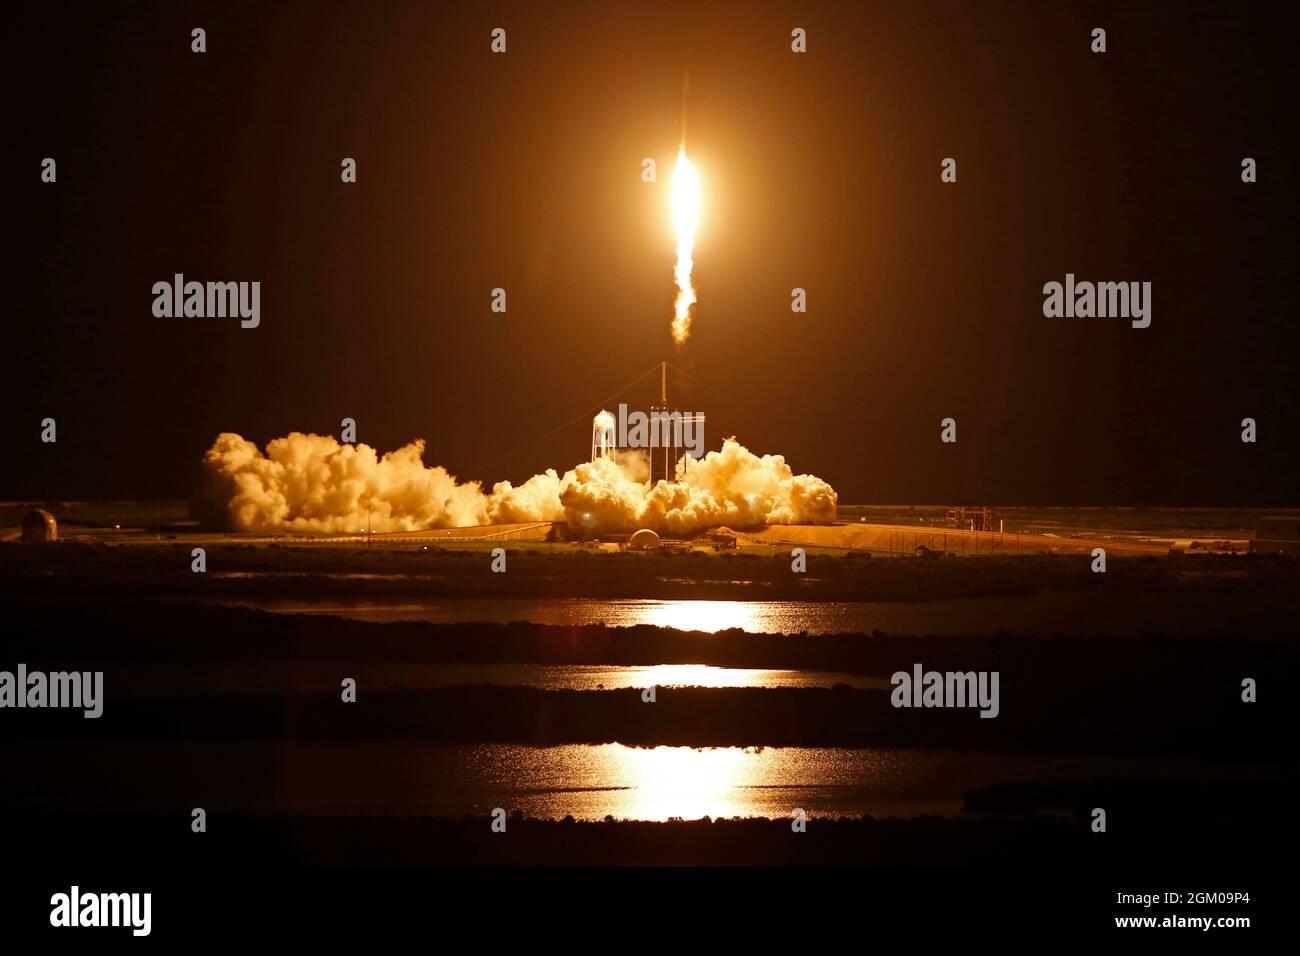 Die zivile Besatzung der Inspiration 4 an Bord einer Kapsel des Crew Dragon und der SpaceX Falcon 9-Rakete startet von Pad 39A im Kennedy Space Center in Cape Canaveral, Florida, 15. September 2021. REUTERS/Joe Skipper Stockfoto